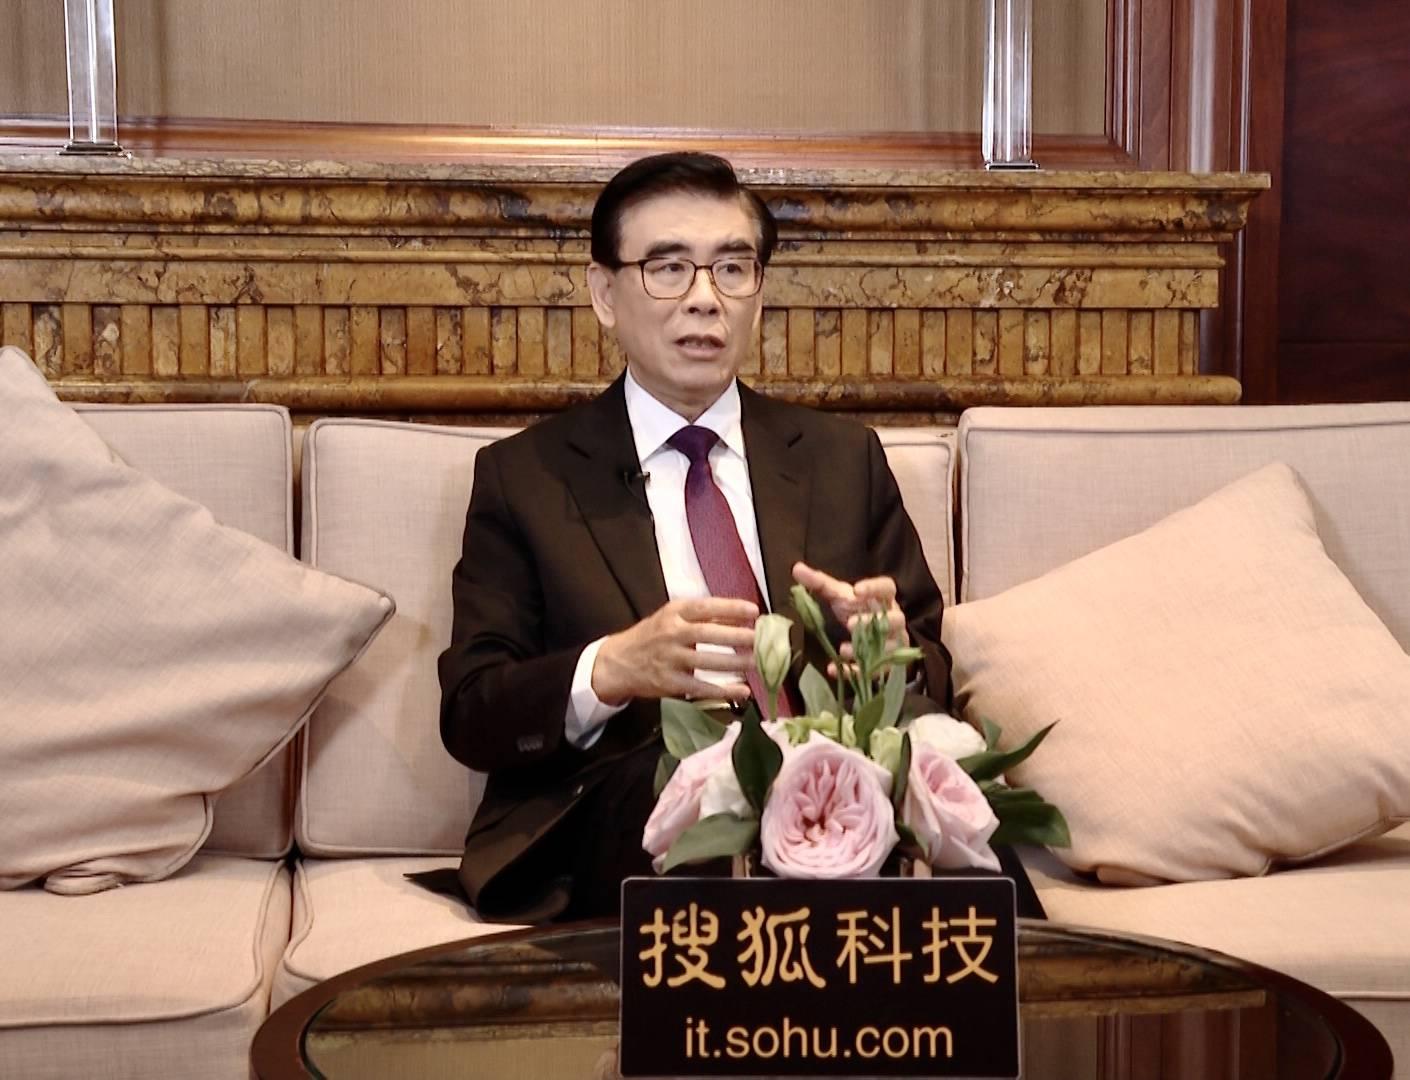 清华大学魏少军:中国28nm芯片产业链未来1-2年有望成熟,要重视人才投入